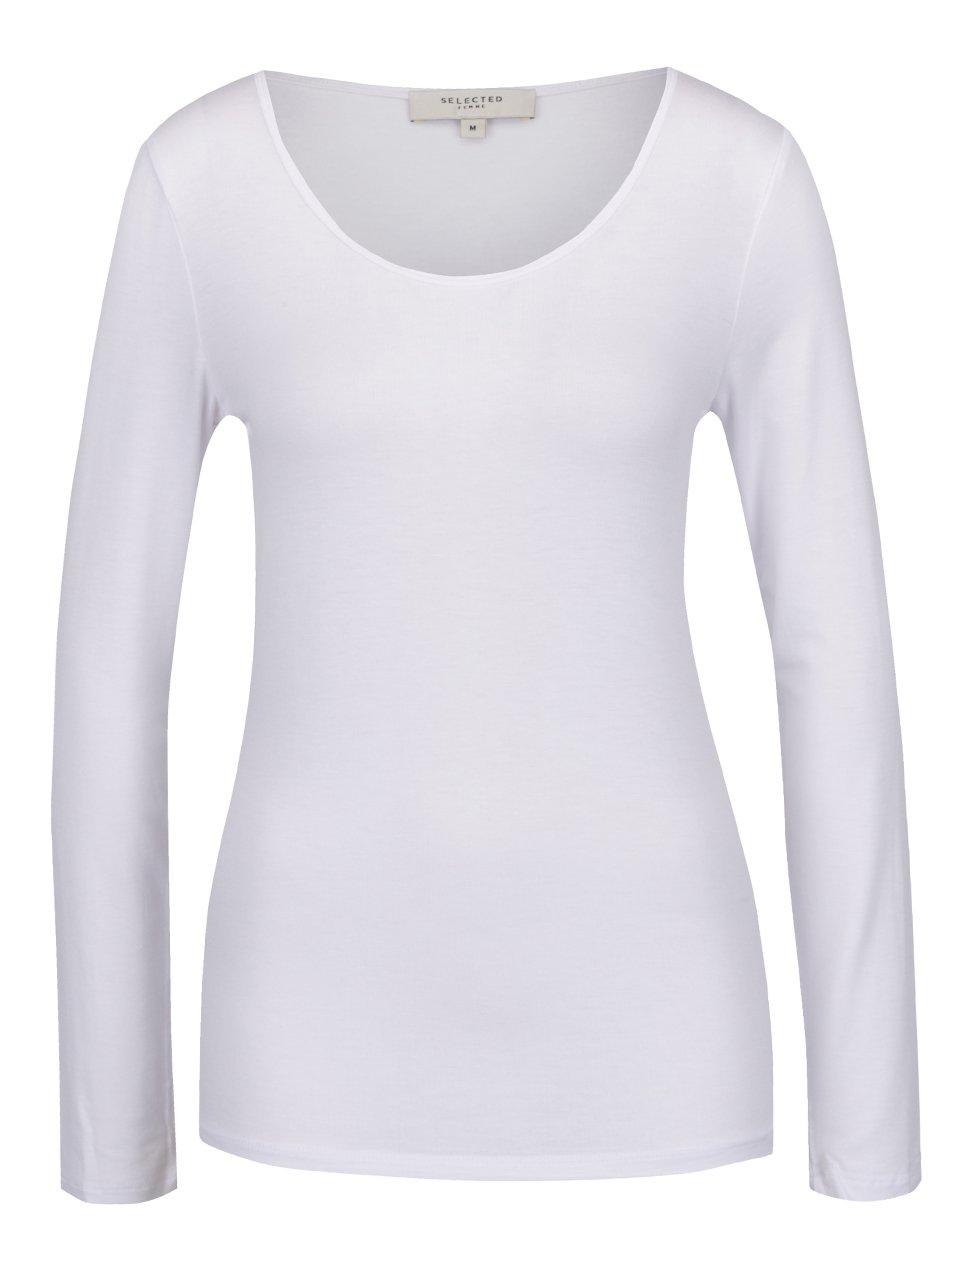 Fotografie Bílé basic tričko s dlouhým rukávem Selected Femme Mio